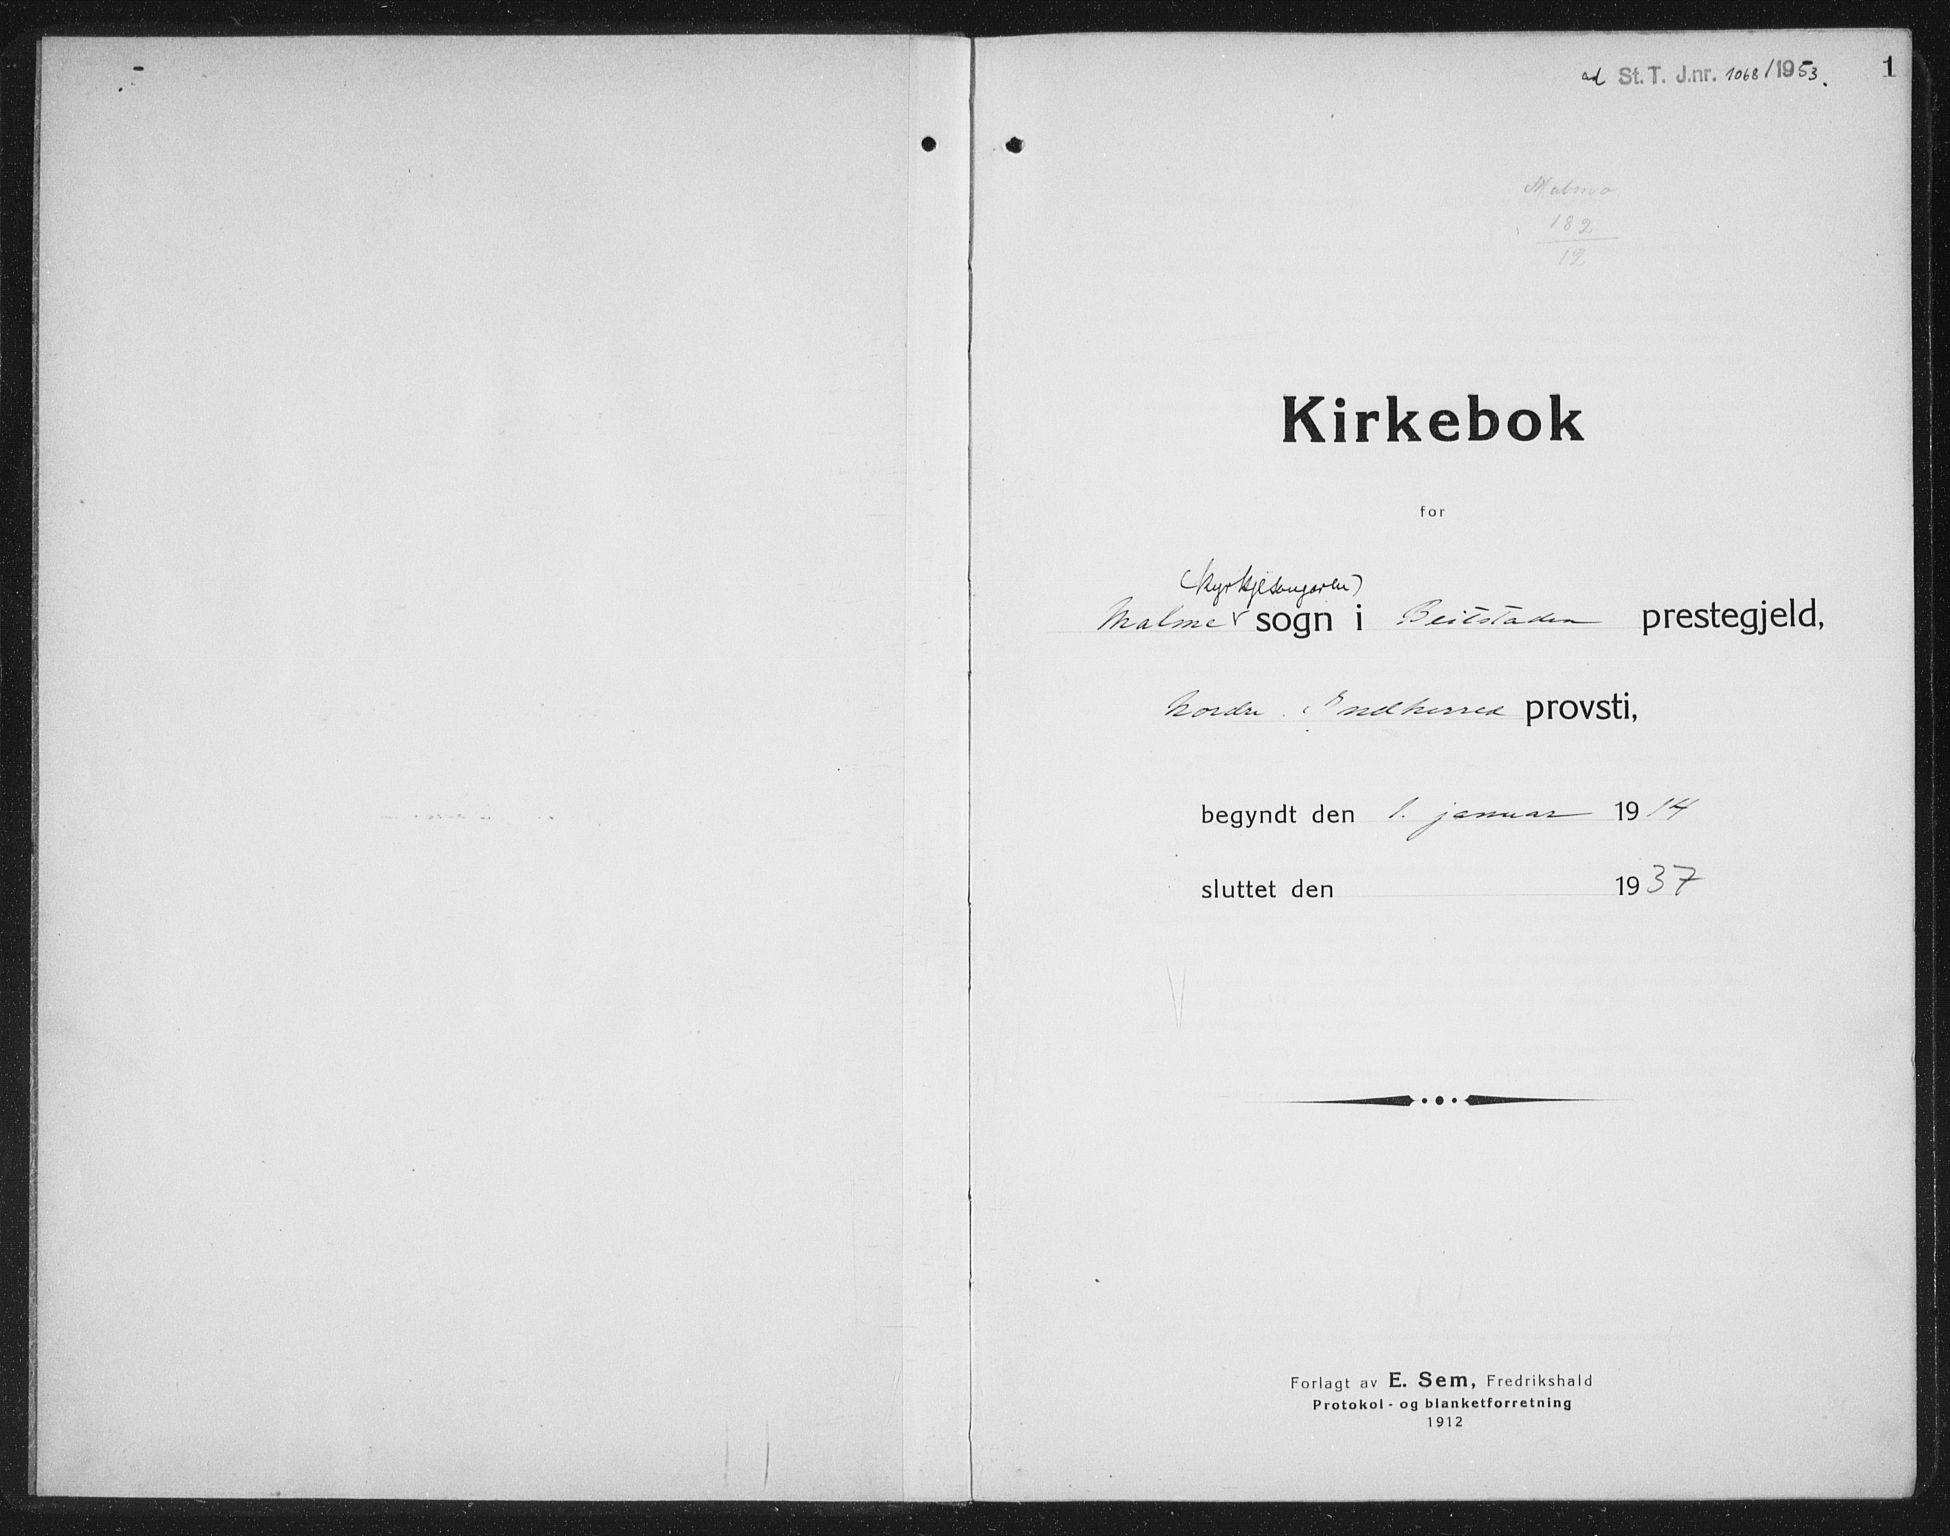 SAT, Ministerialprotokoller, klokkerbøker og fødselsregistre - Nord-Trøndelag, 745/L0434: Klokkerbok nr. 745C03, 1914-1937, s. 1